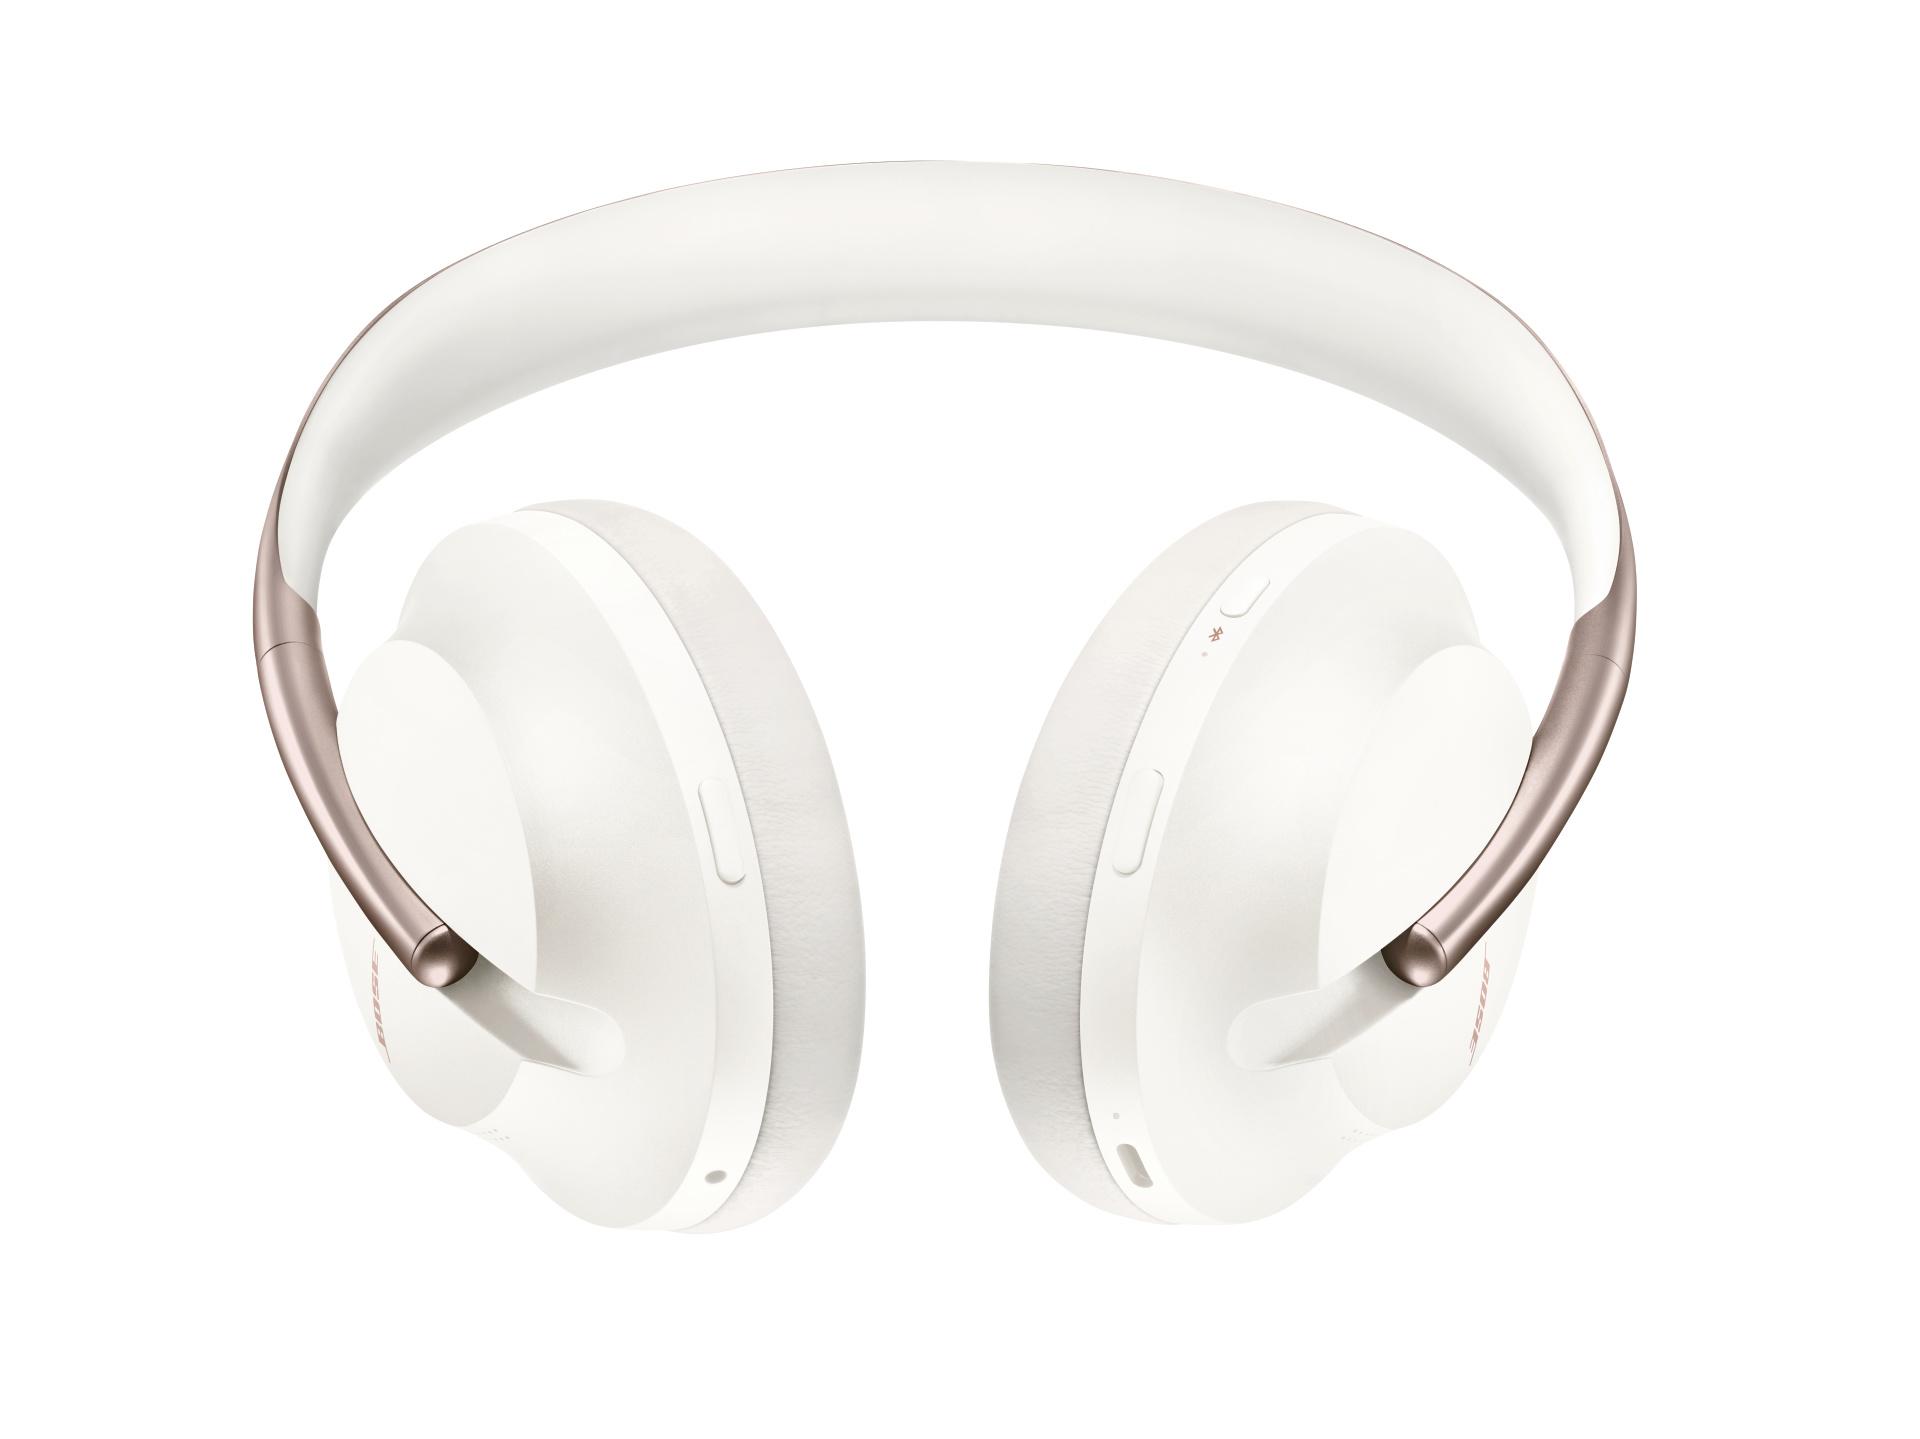 Bose HP 700 jsou nová chytrá sluchátka s rozšířenou realitou zvuku